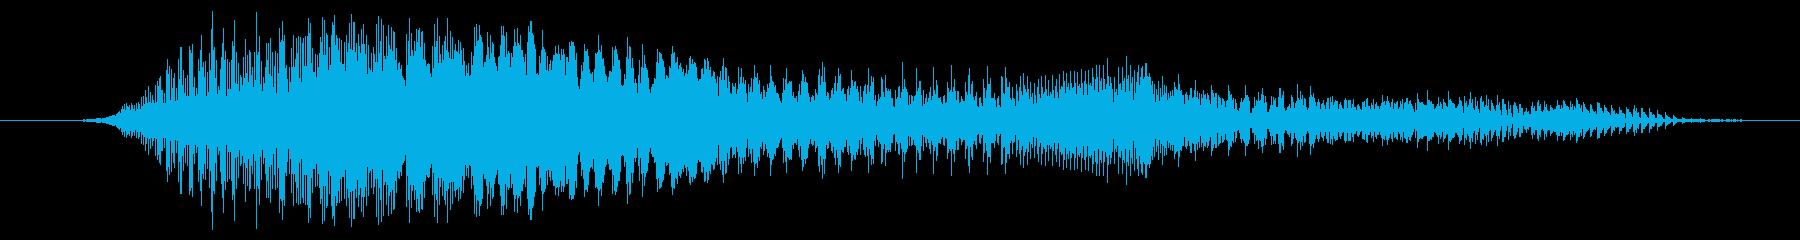 鳴き声 雄叫びアグレッシブ02の再生済みの波形